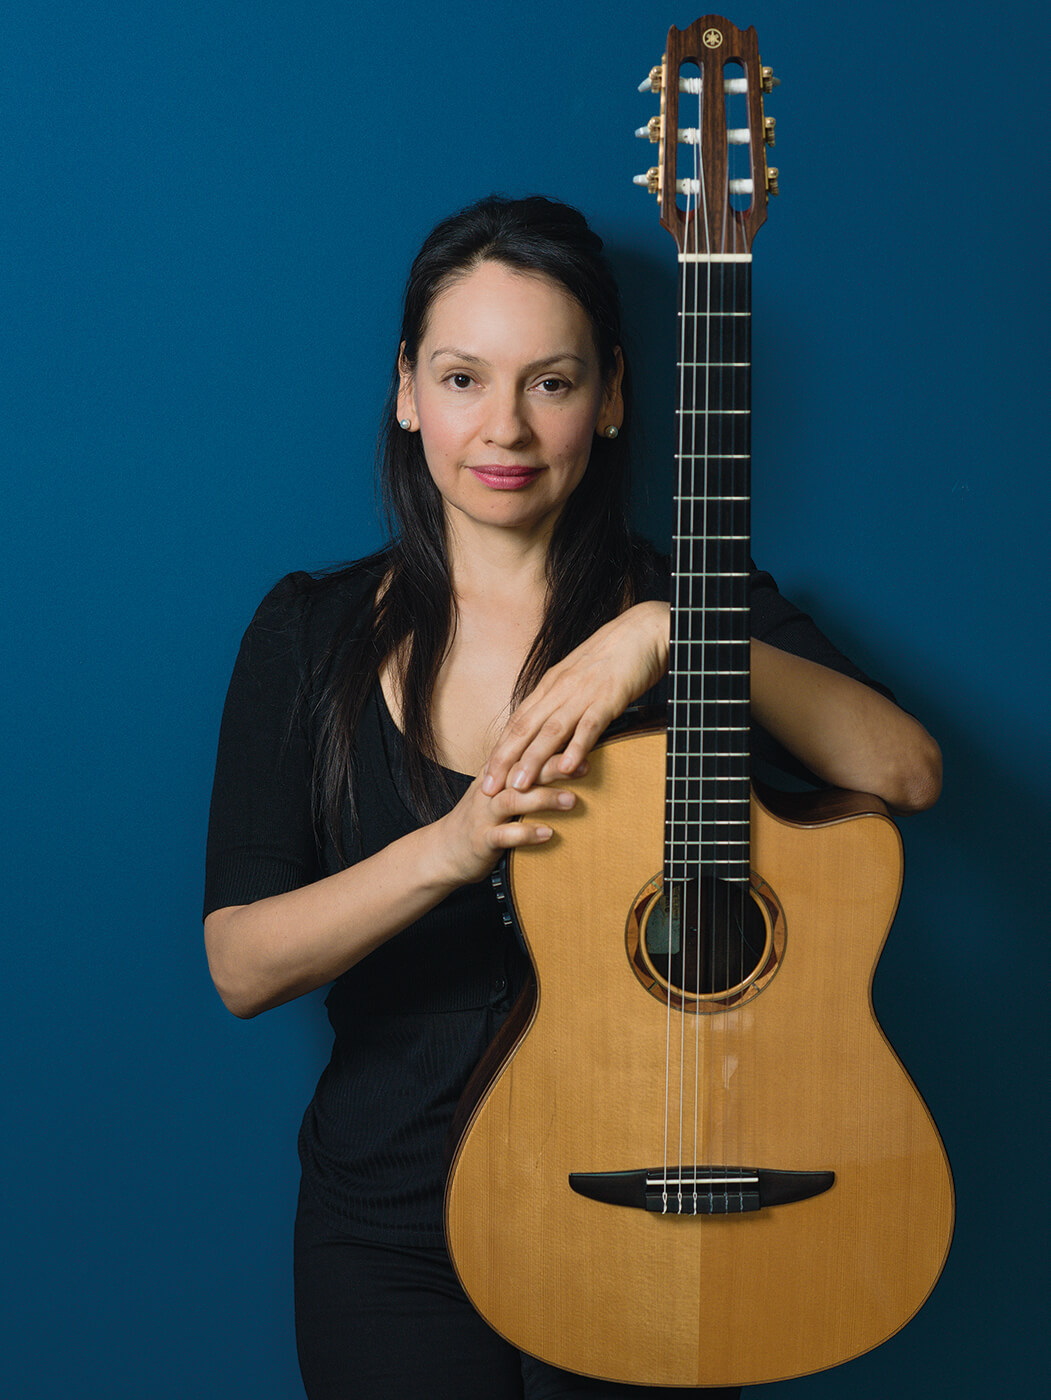 Rodrigo y Gabriela Gabriela with guitar